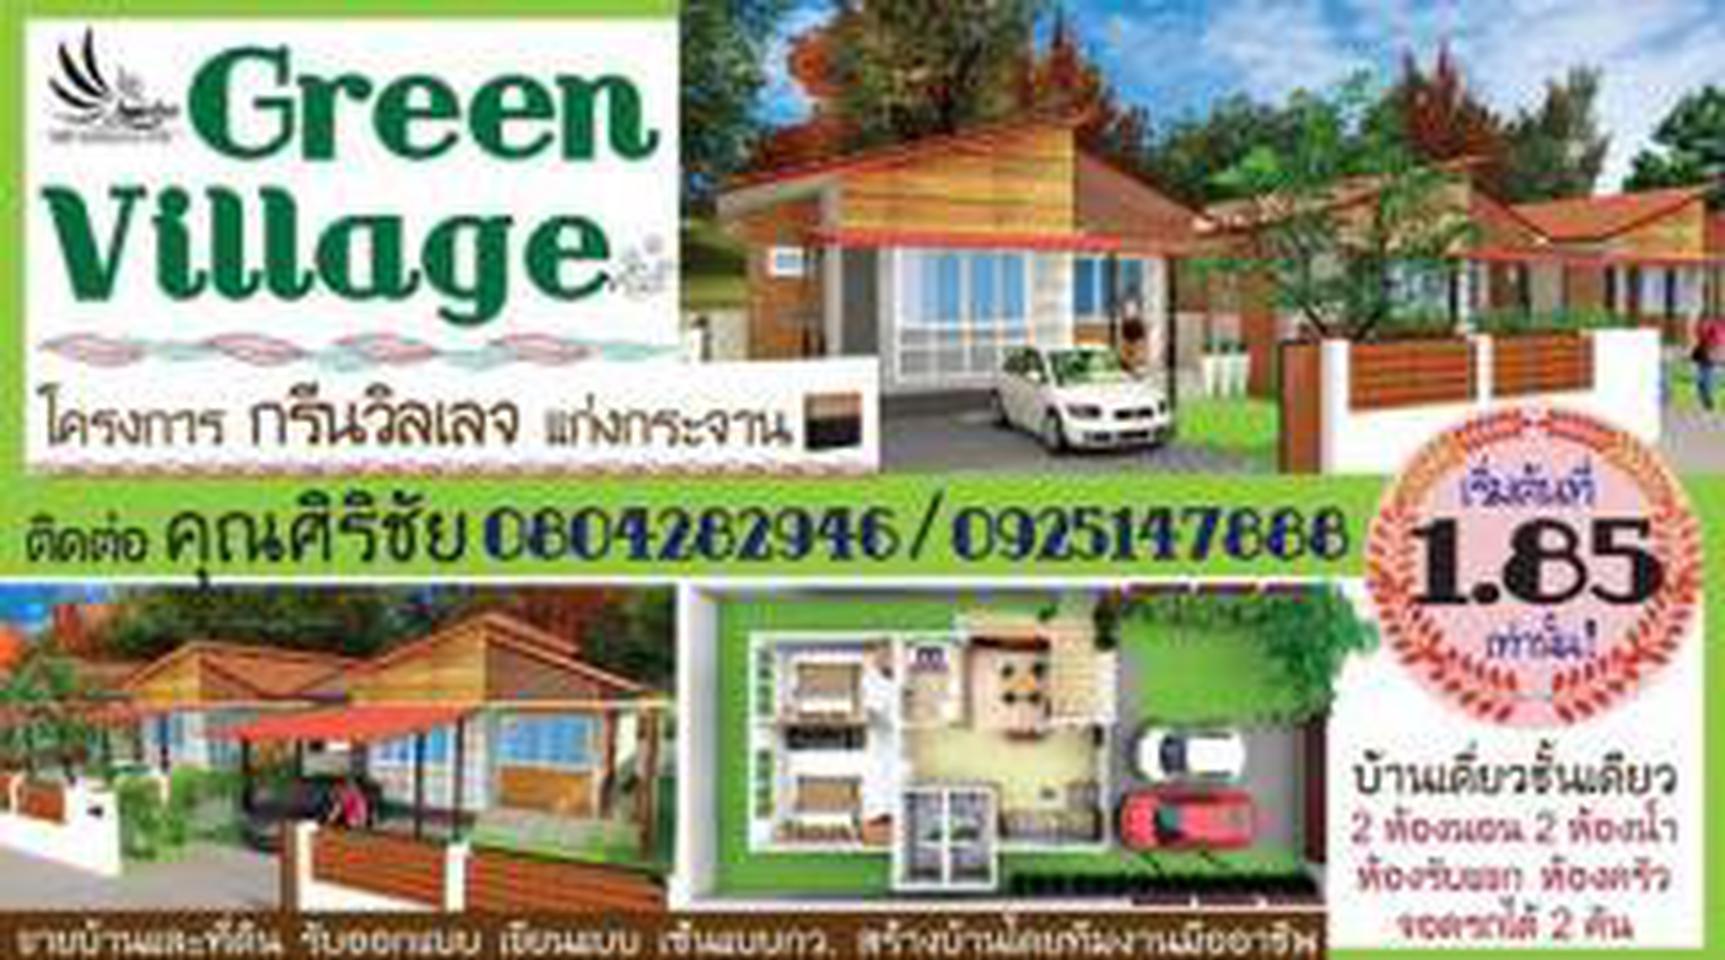 เปิดจองแล้ว โครงการ Green Village (กรีน วิลเลจ) บ้านเดี่ยว รูปที่ 1